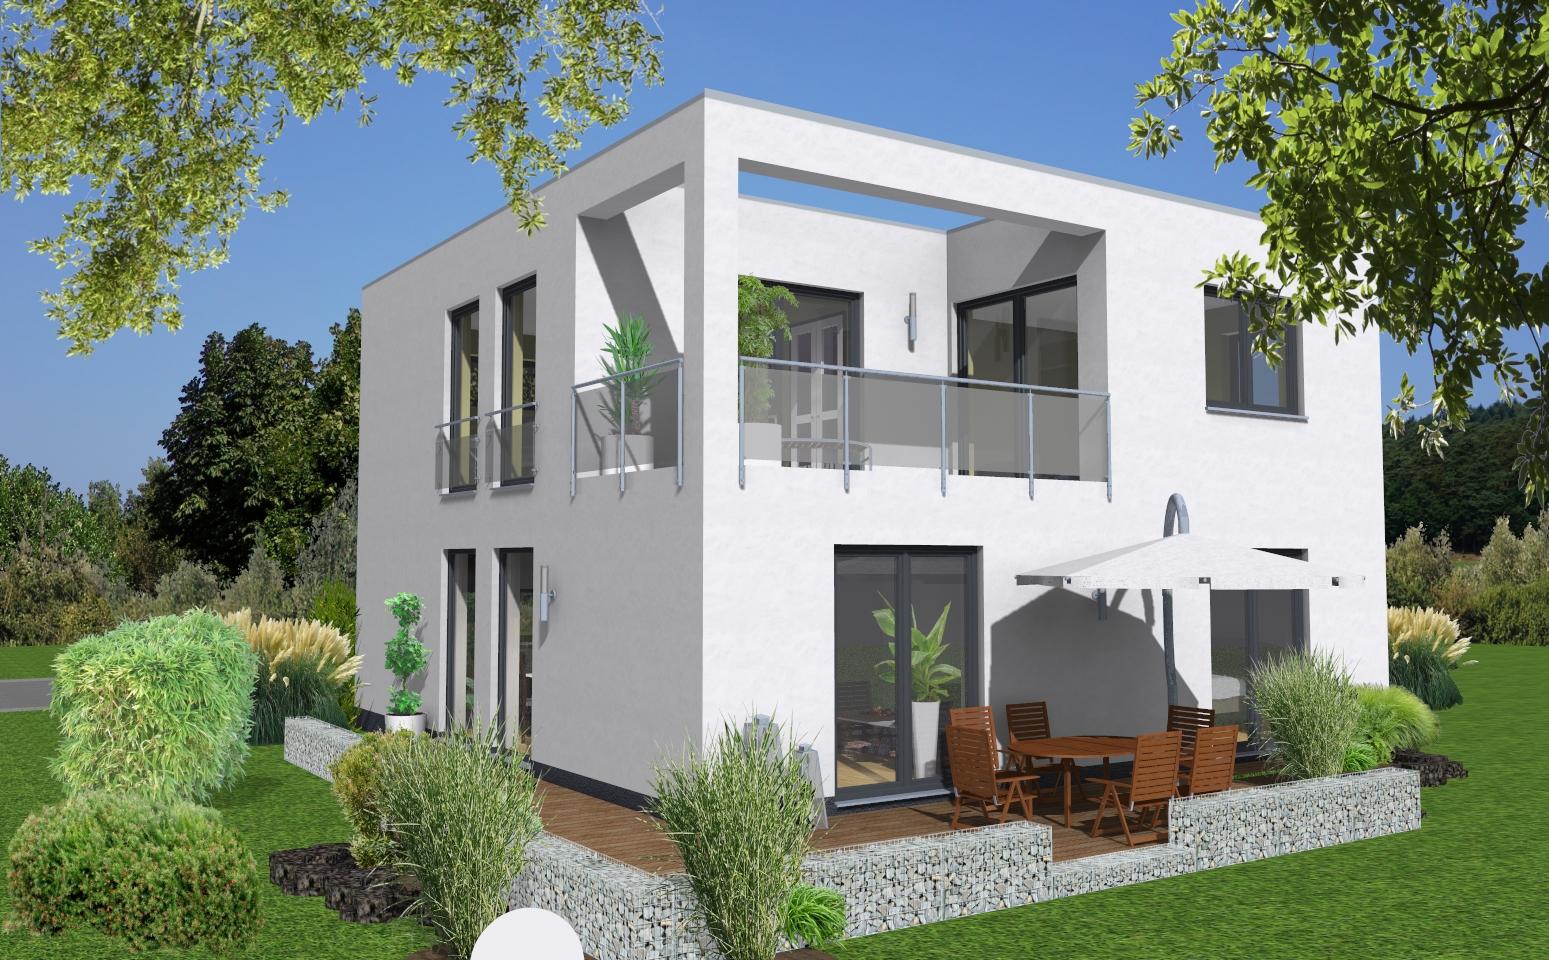 Einfamilienhaus 1 340